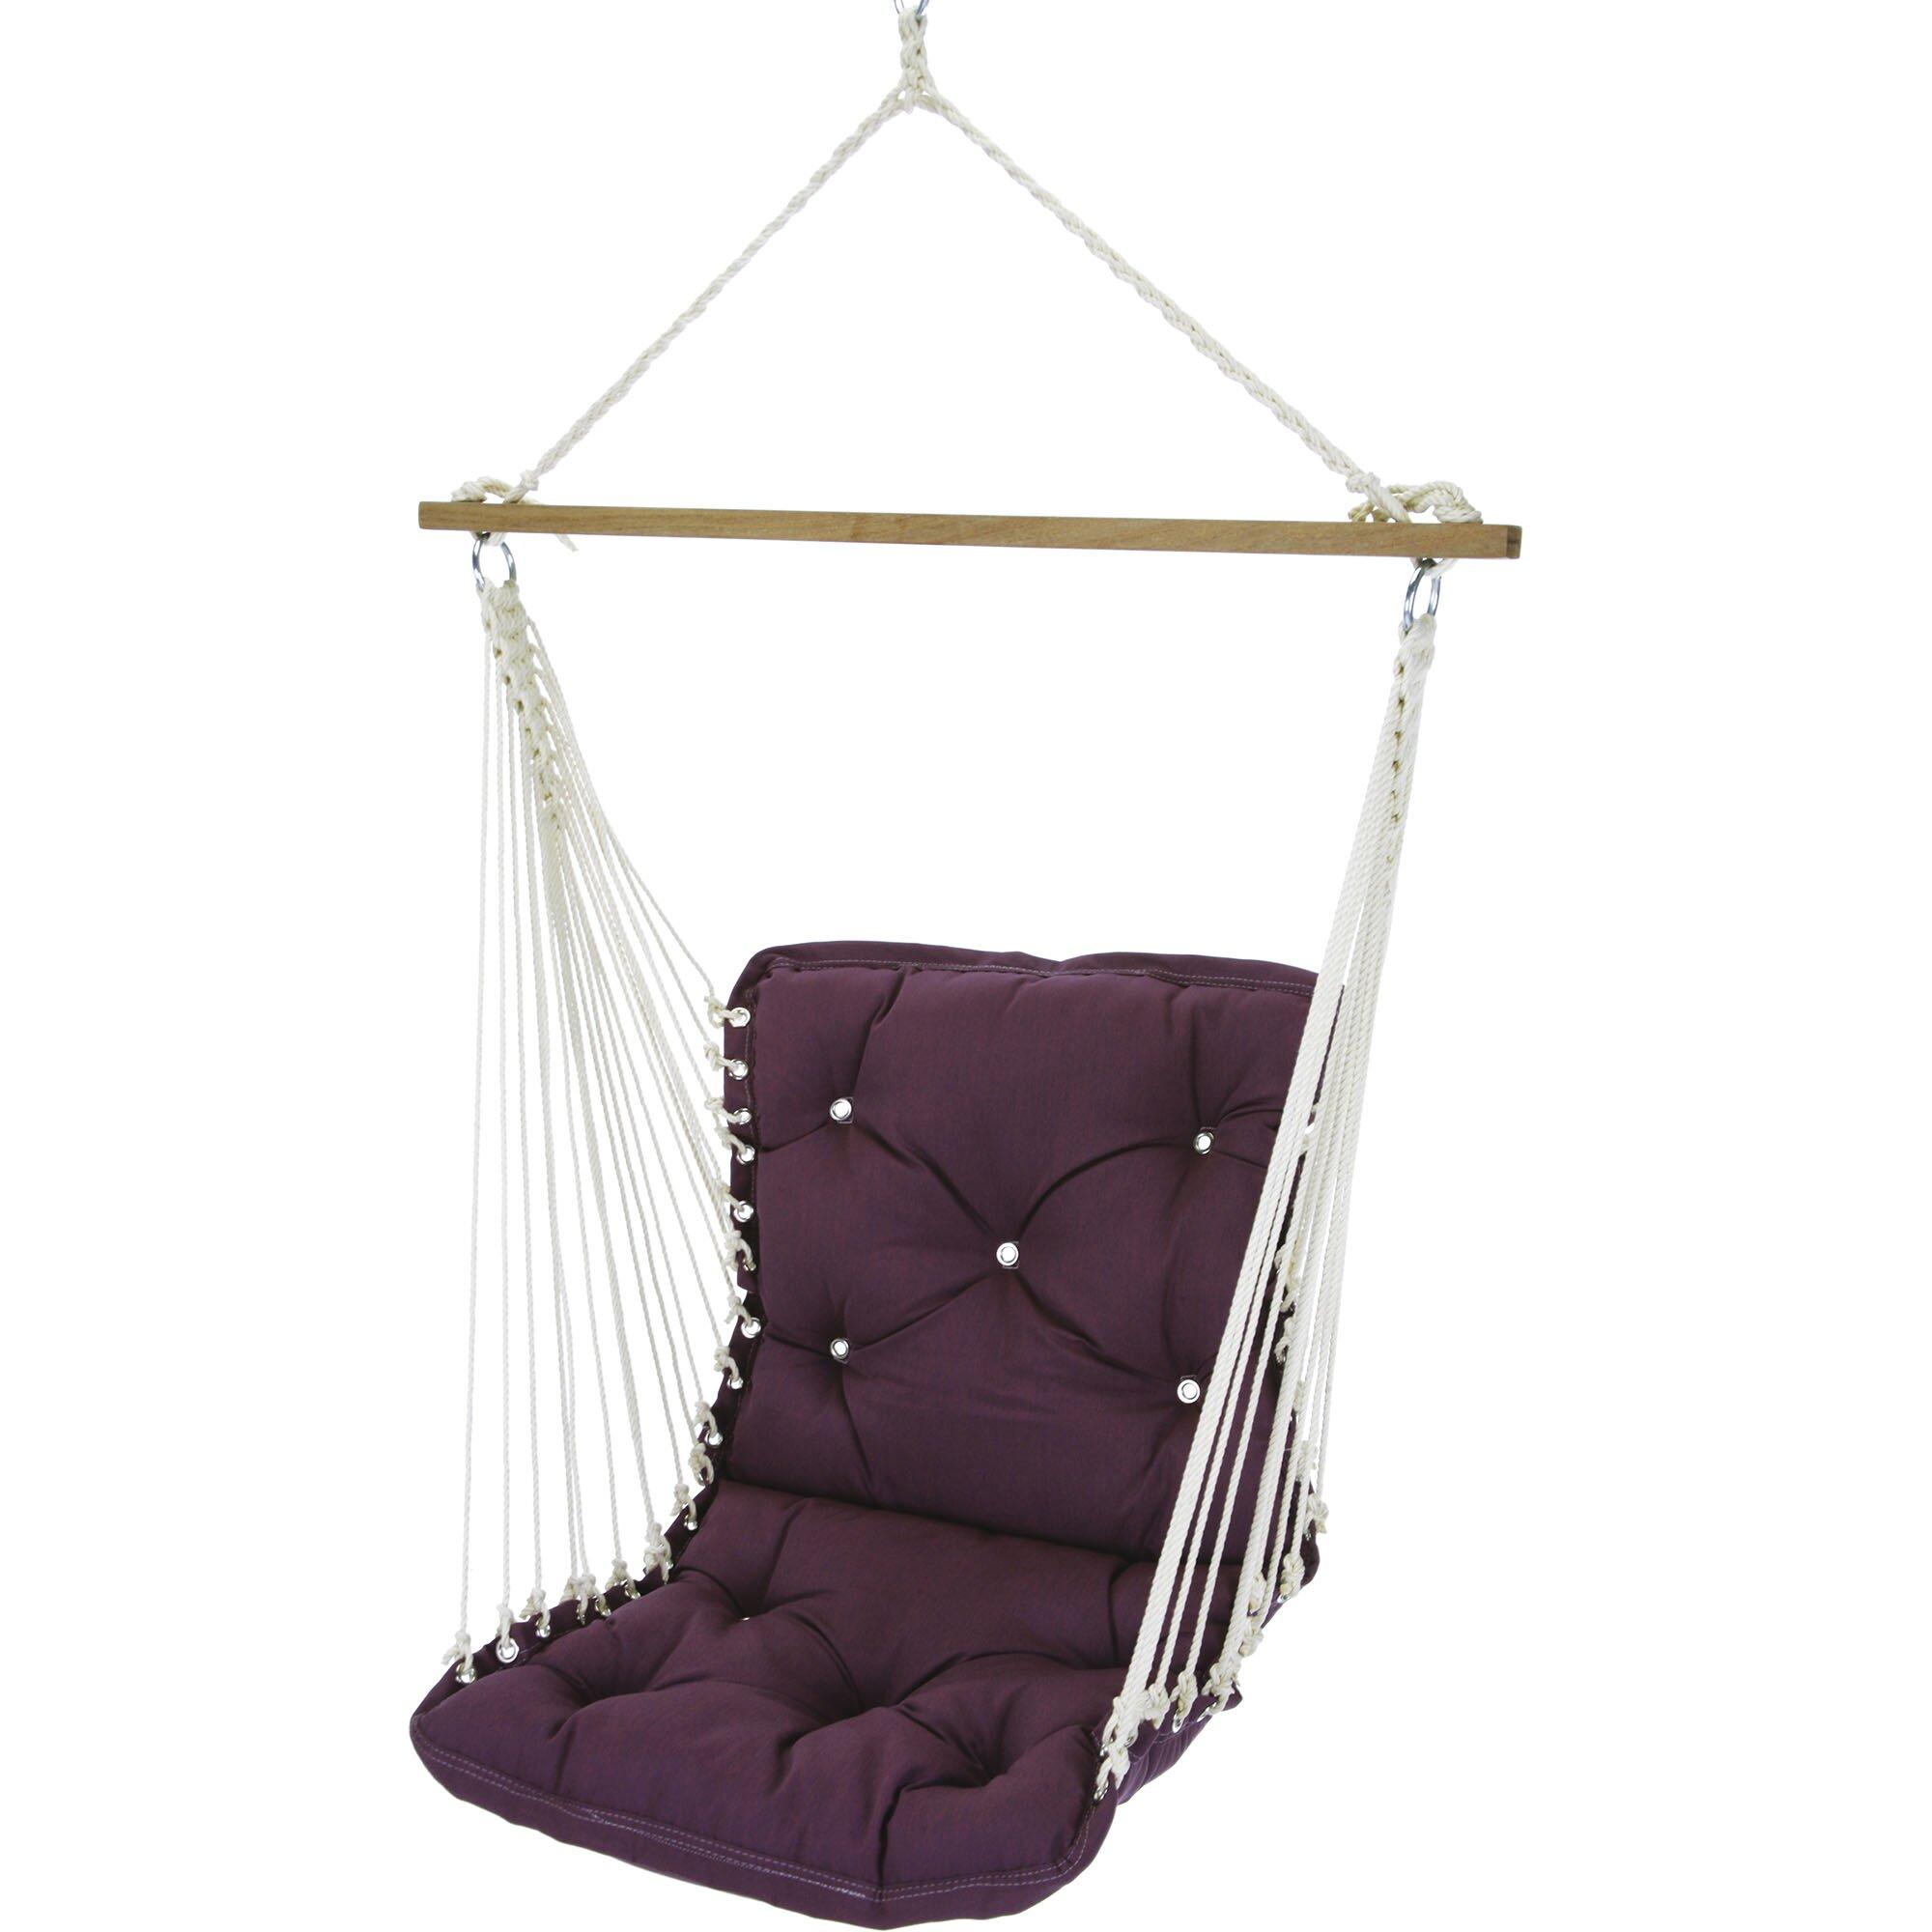 Hatteras hammocks single swing stand